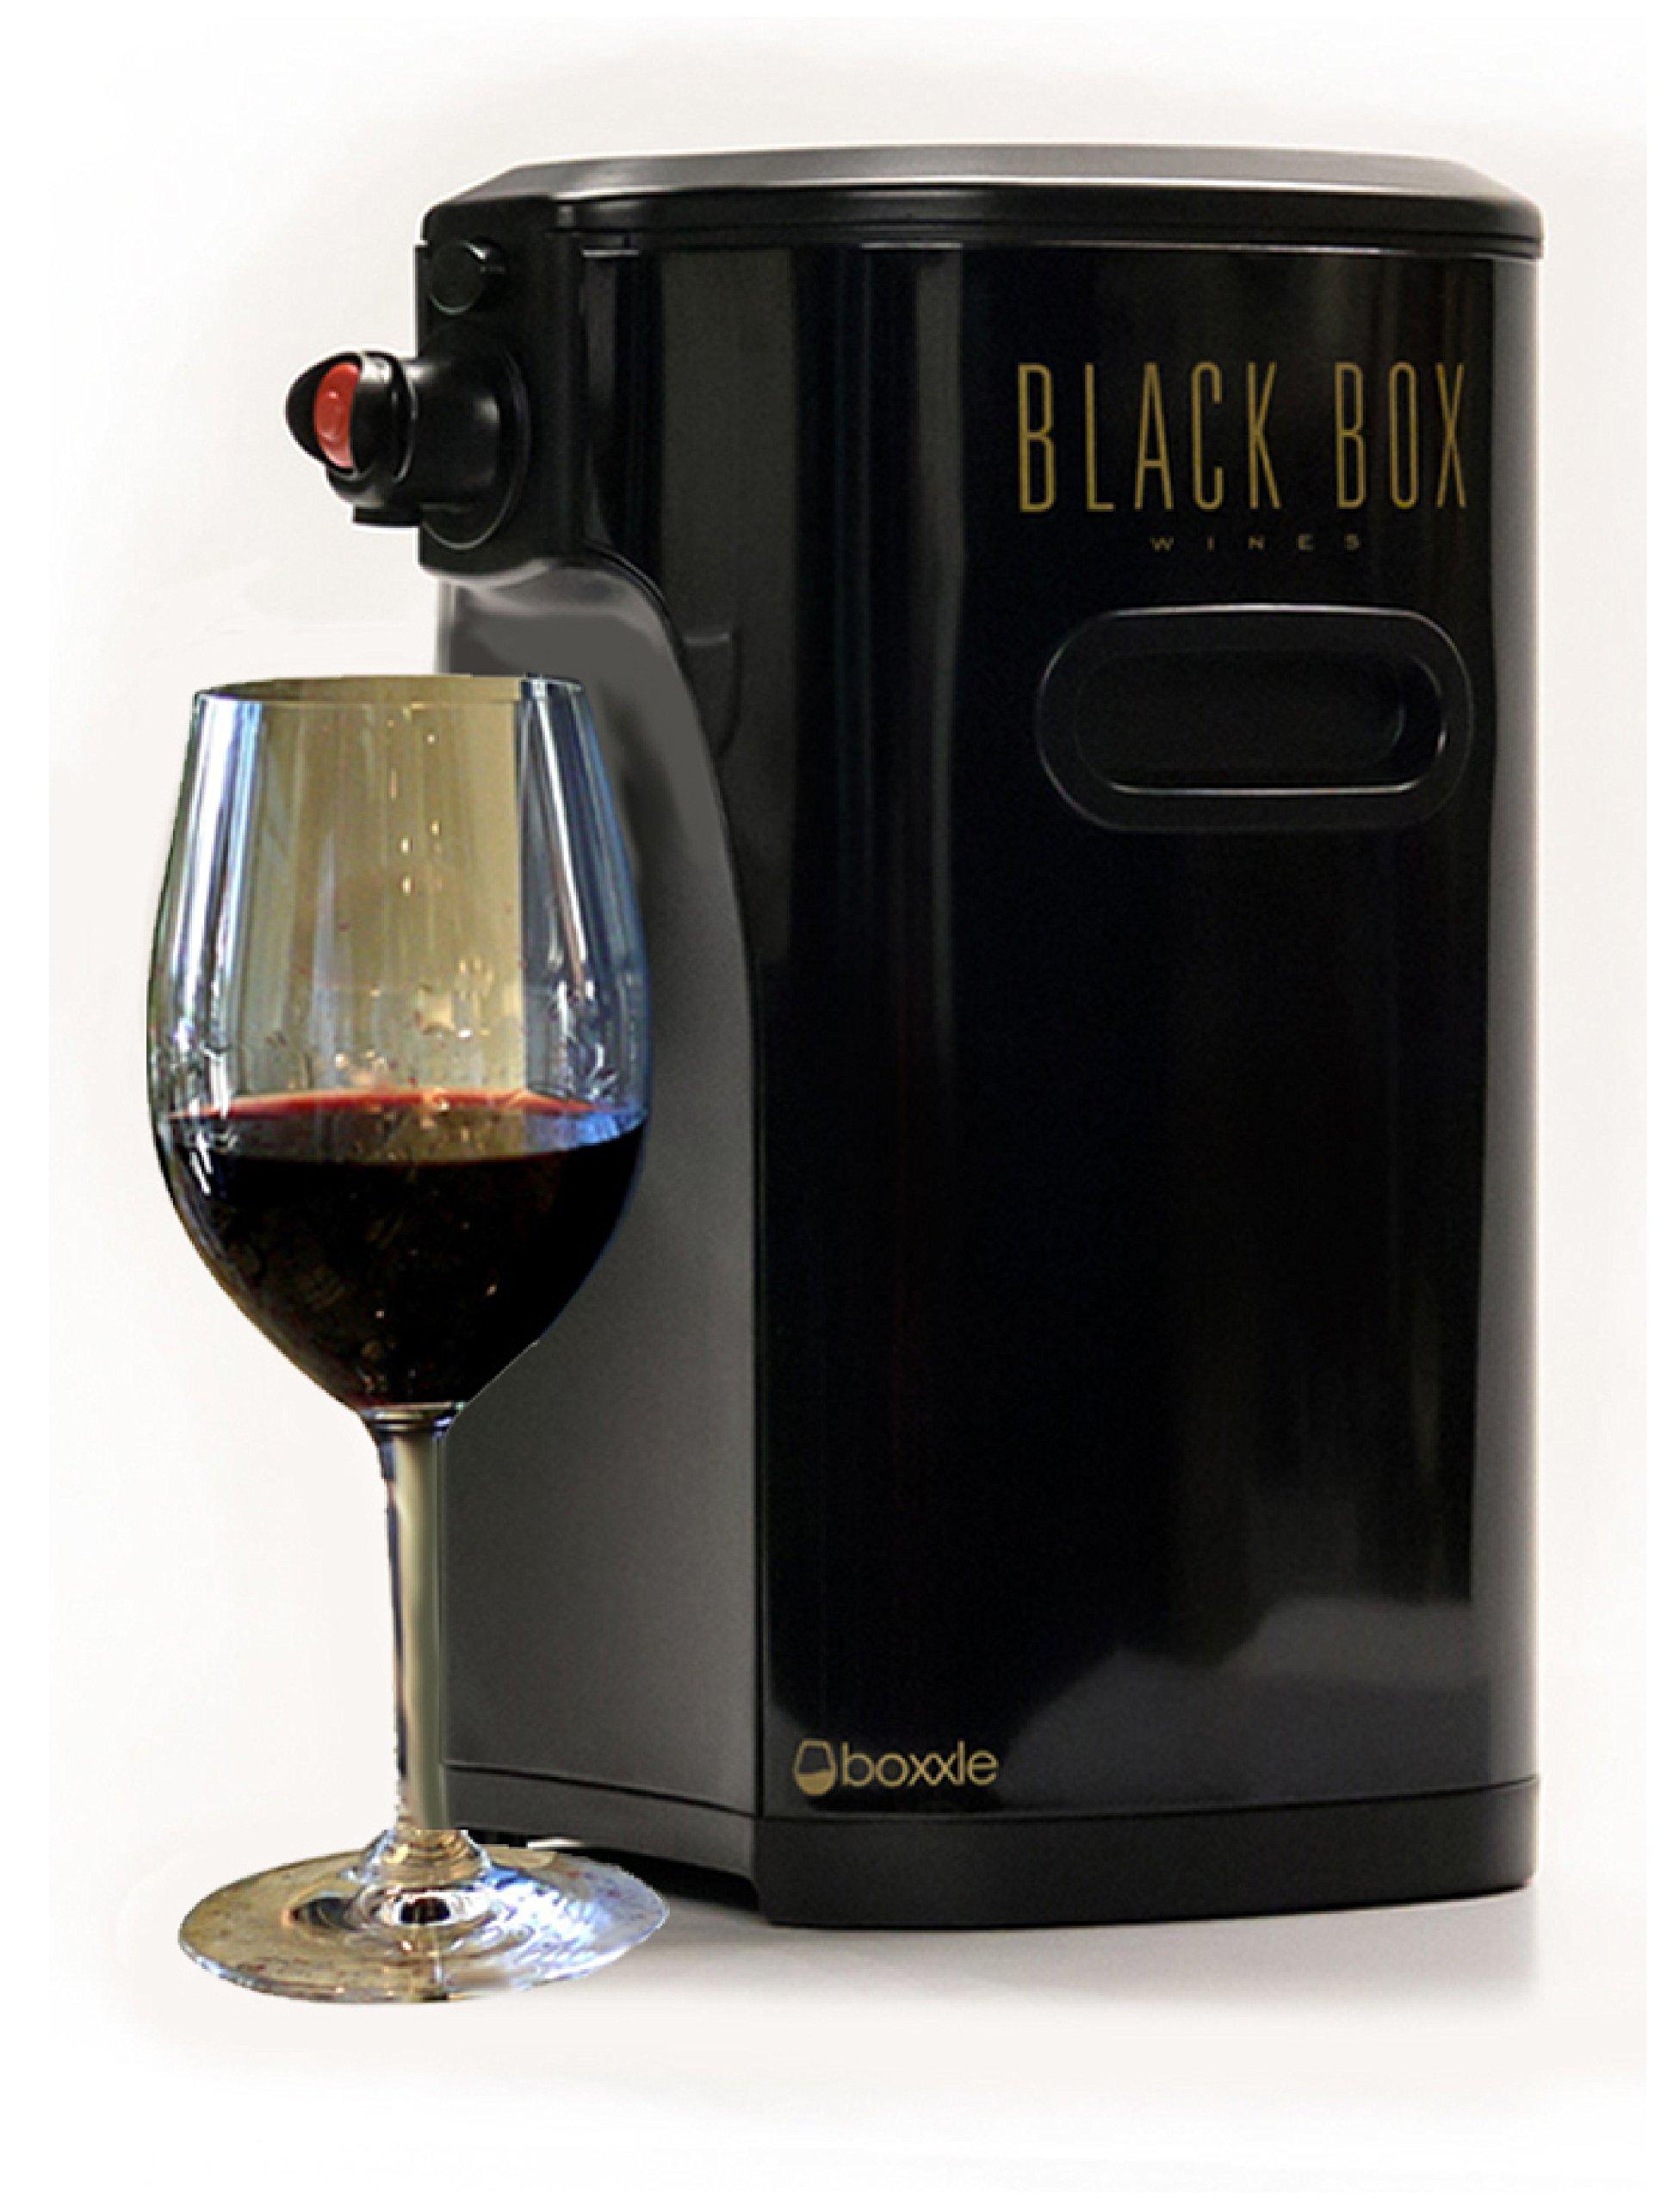 Black Box Boxxle- Premium 3 Liter Box Wine Dispenser